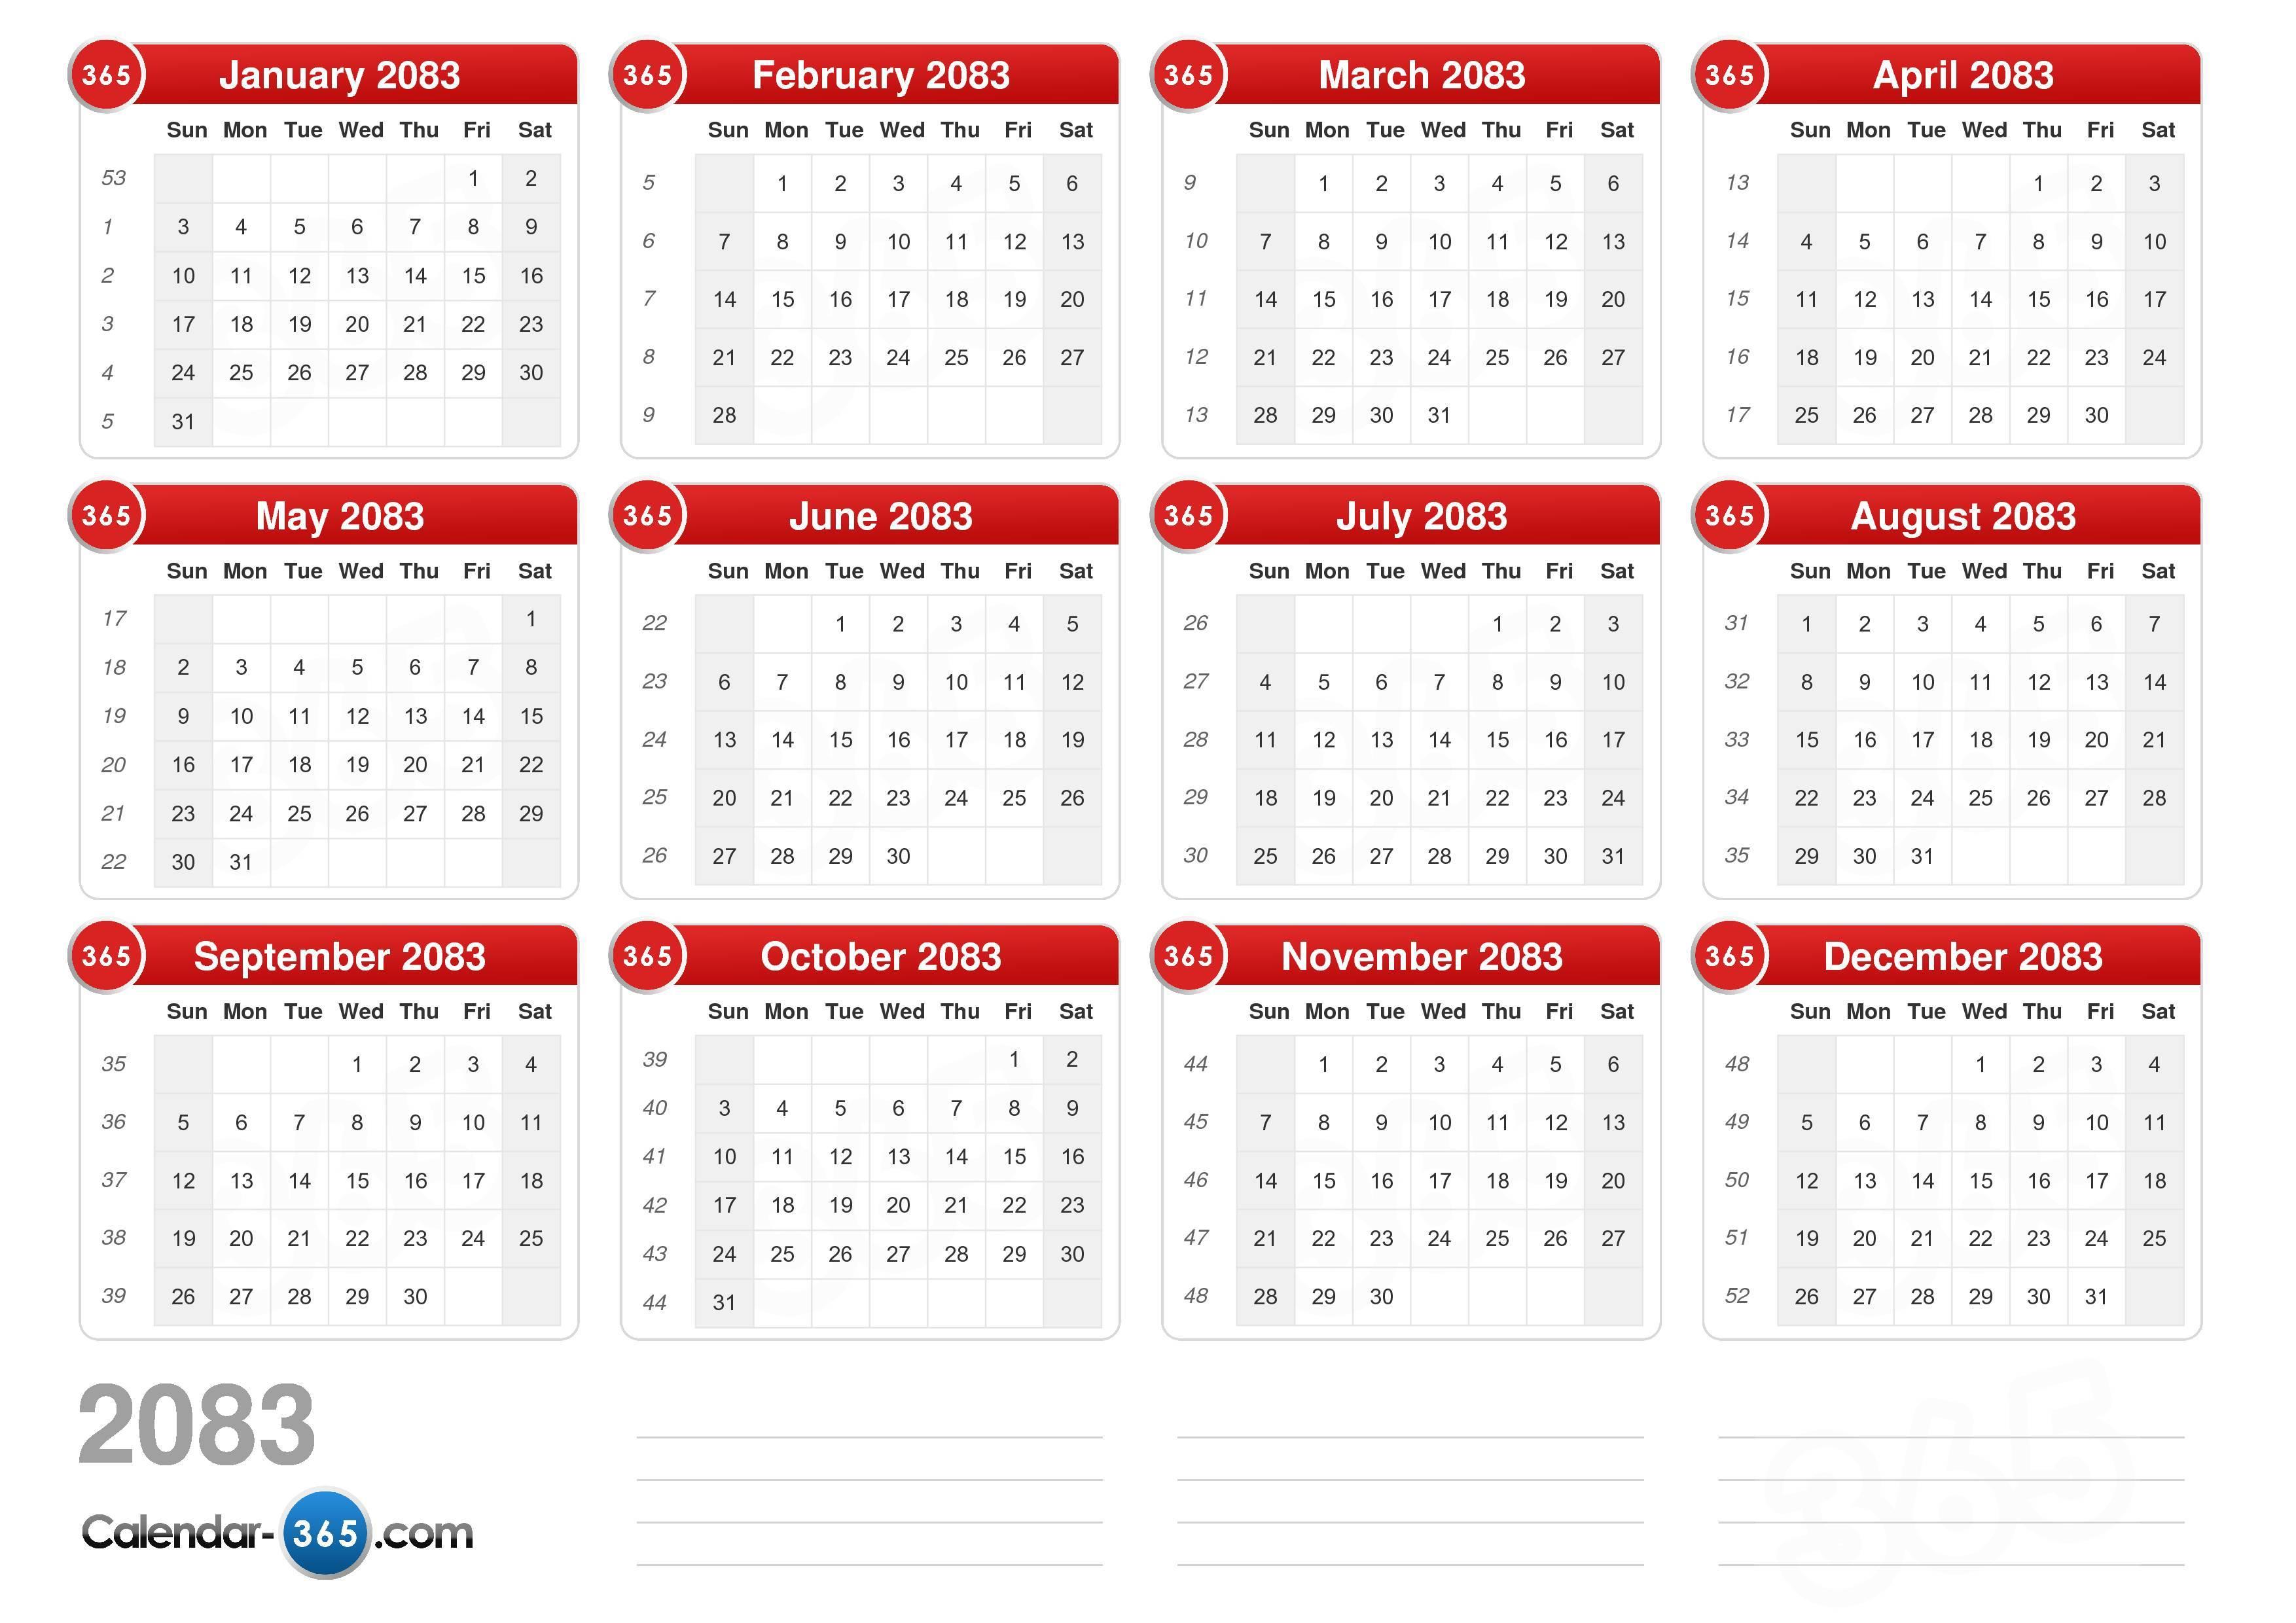 2083 Calendar (v2)